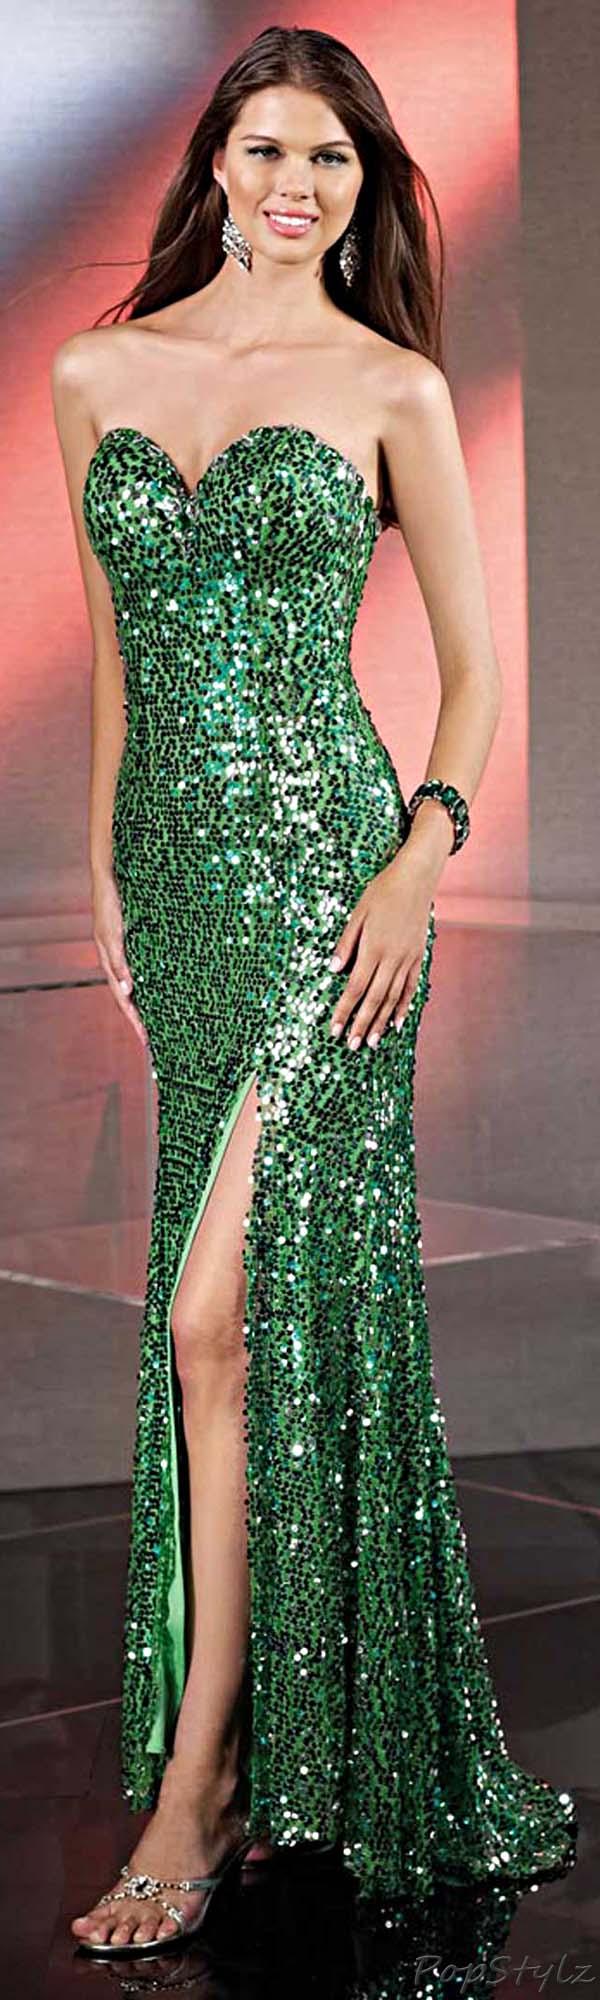 Alyce Designs 35548 Sequin Dress